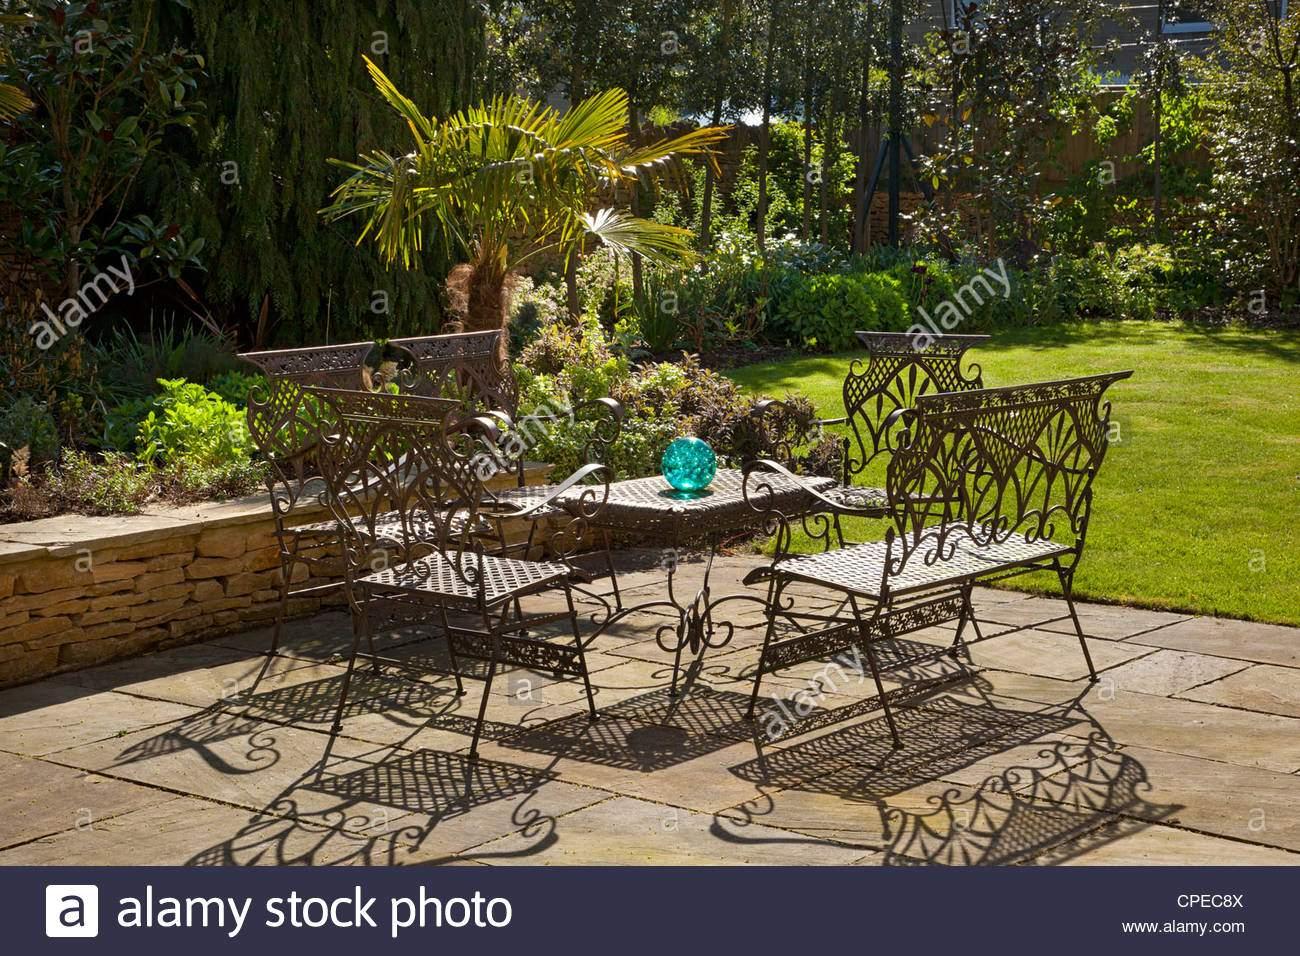 franzosische mobel aus metall tisch und stuhle auf steinernen terrasse im sommergarten cpec8x